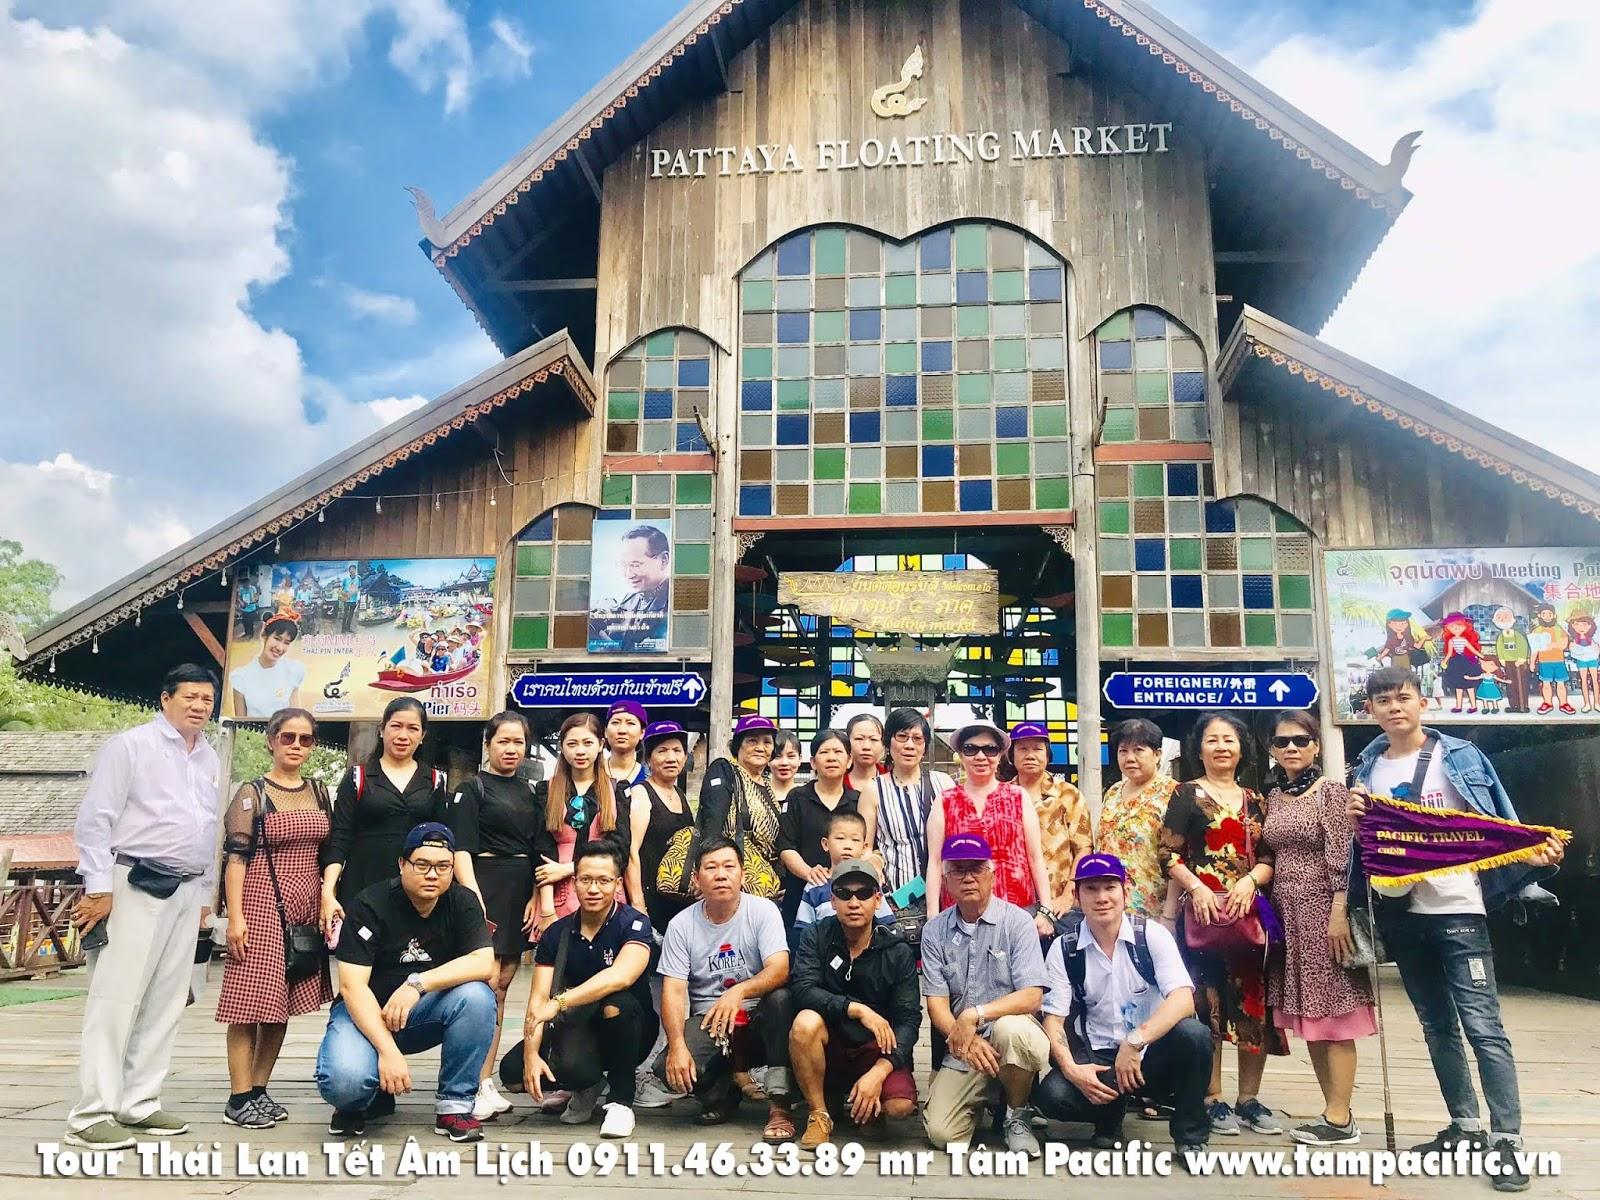 Tour du lịch Thái Lan Tết Âm Lịch 5 ngày 4 đêm khởi hành mỗi ngày